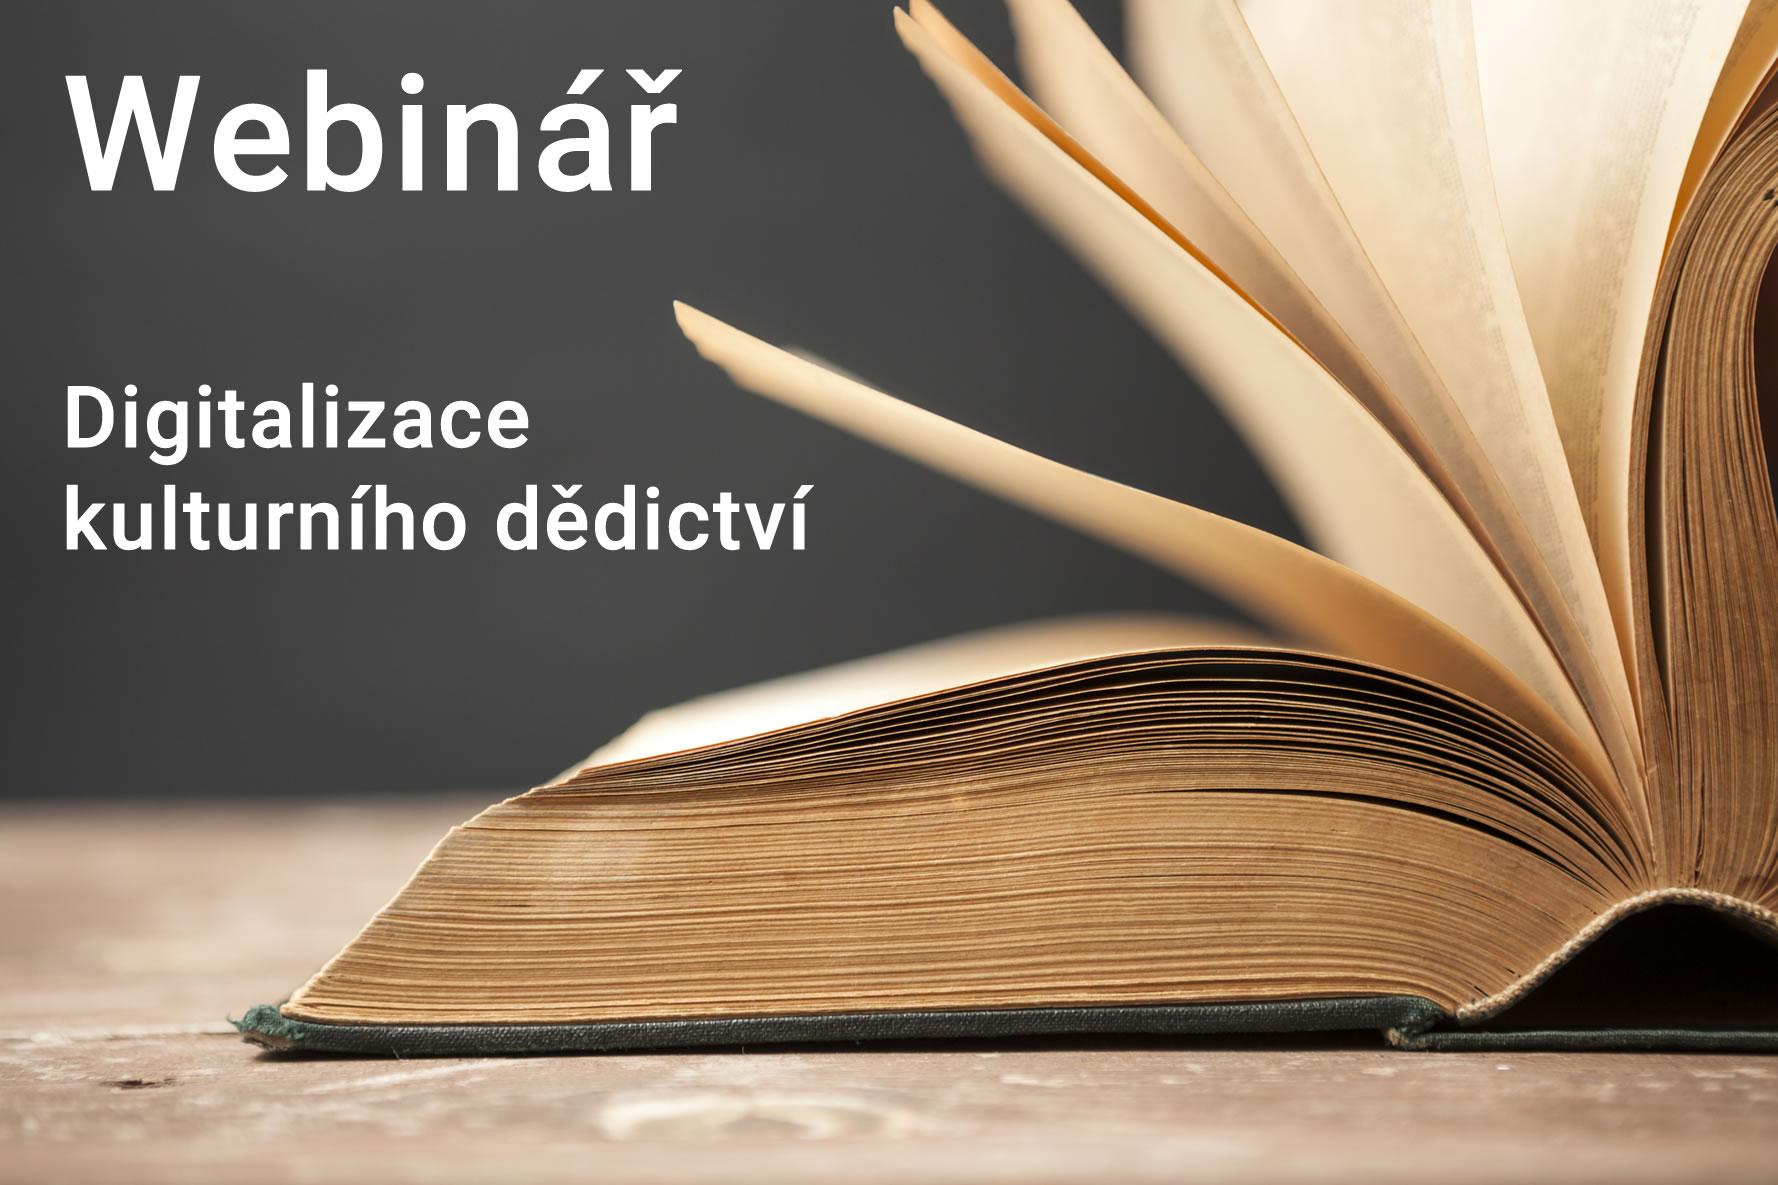 iGuana - Webinář - Digitalizace kulturního dědictví - 27-05-2020